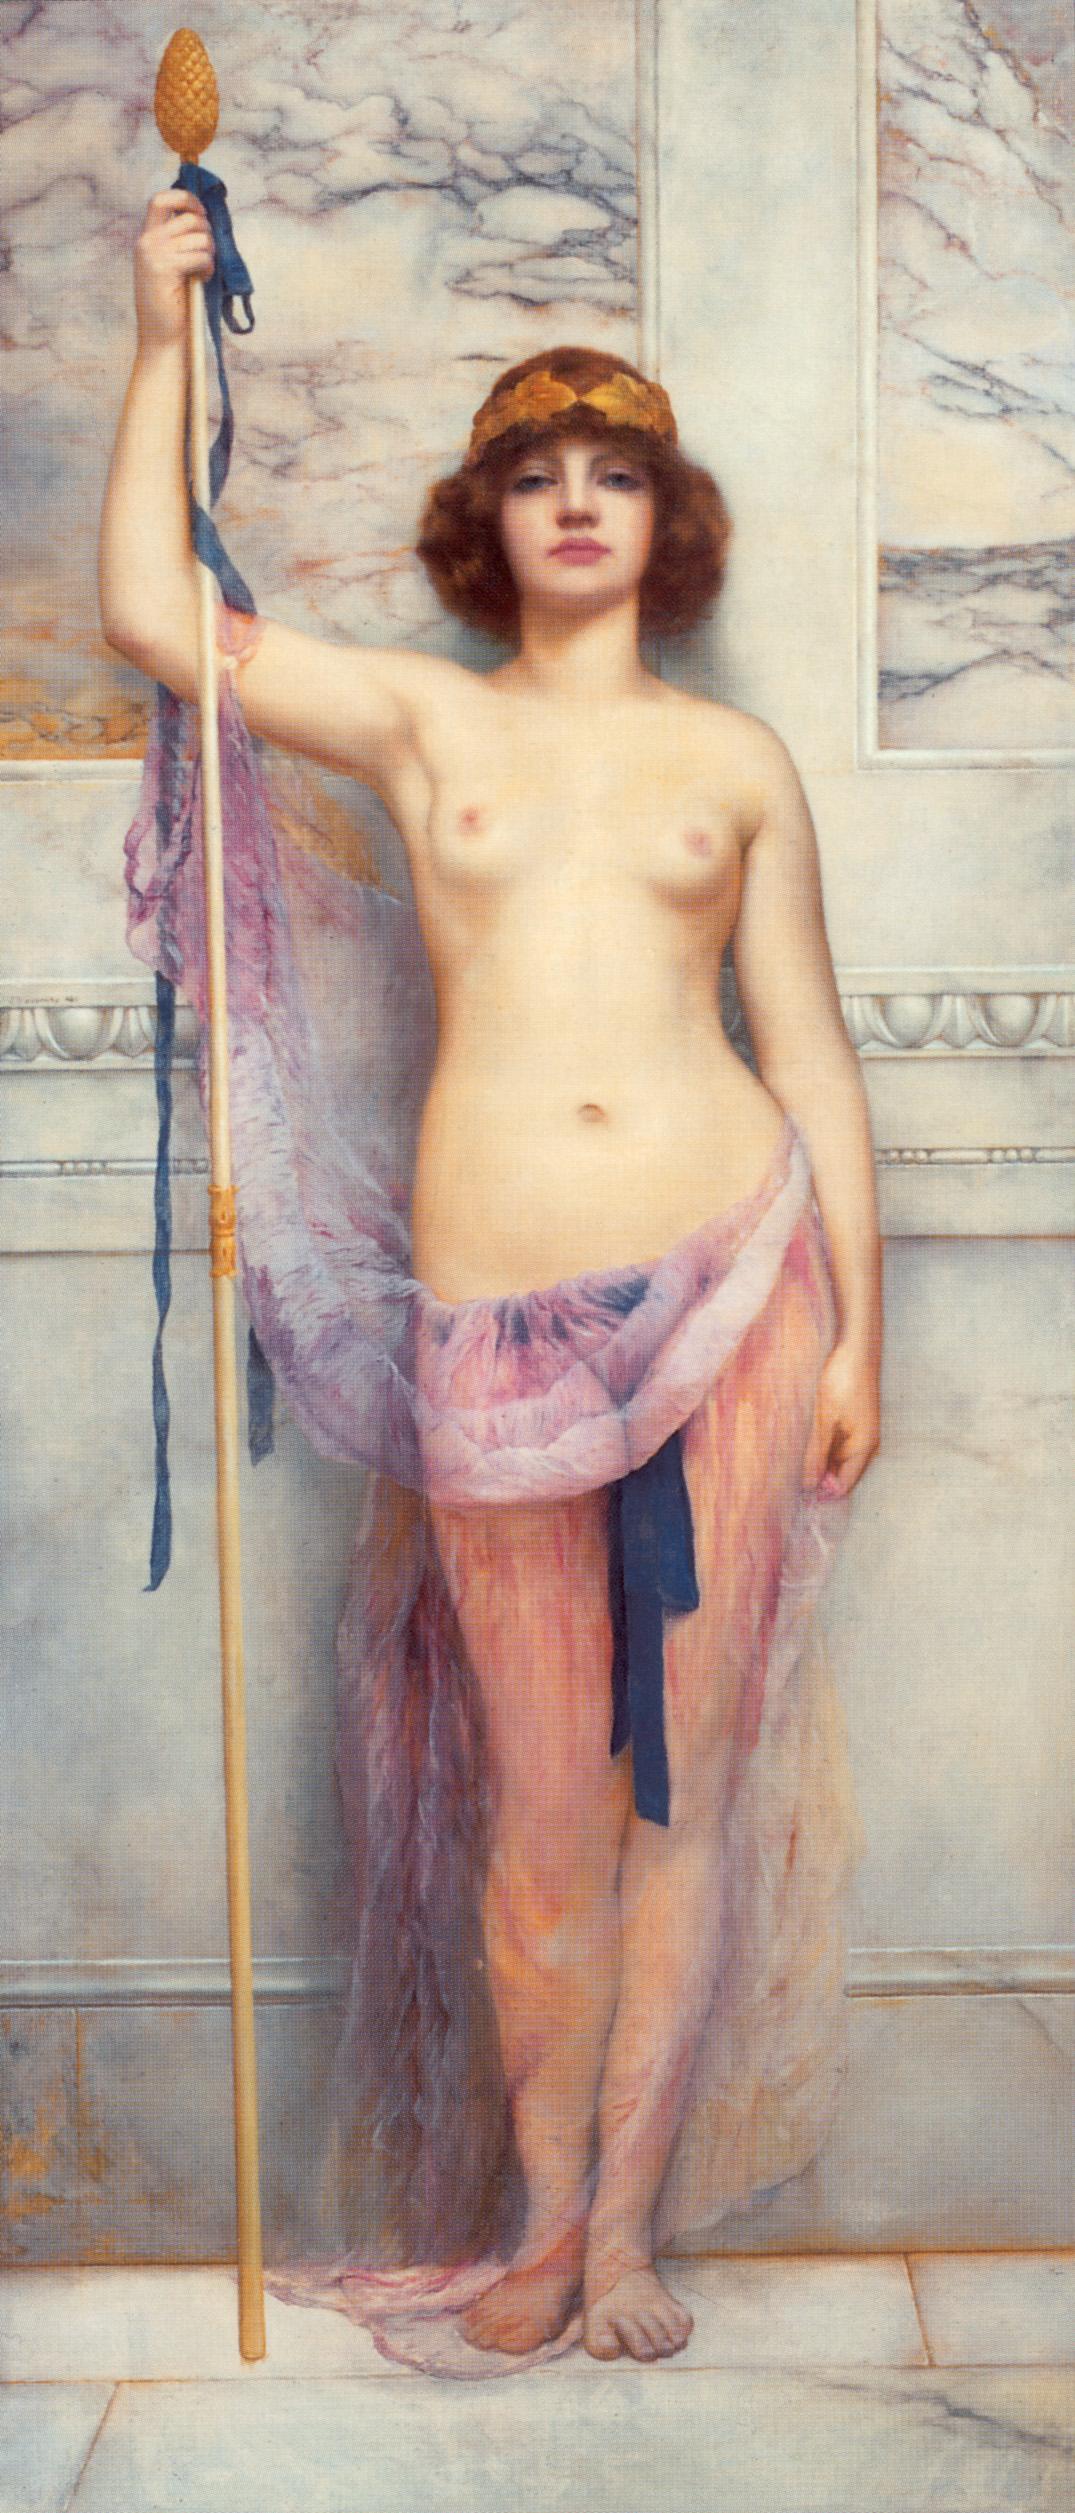 Художники рисуют голую женщину с натури 26 фотография